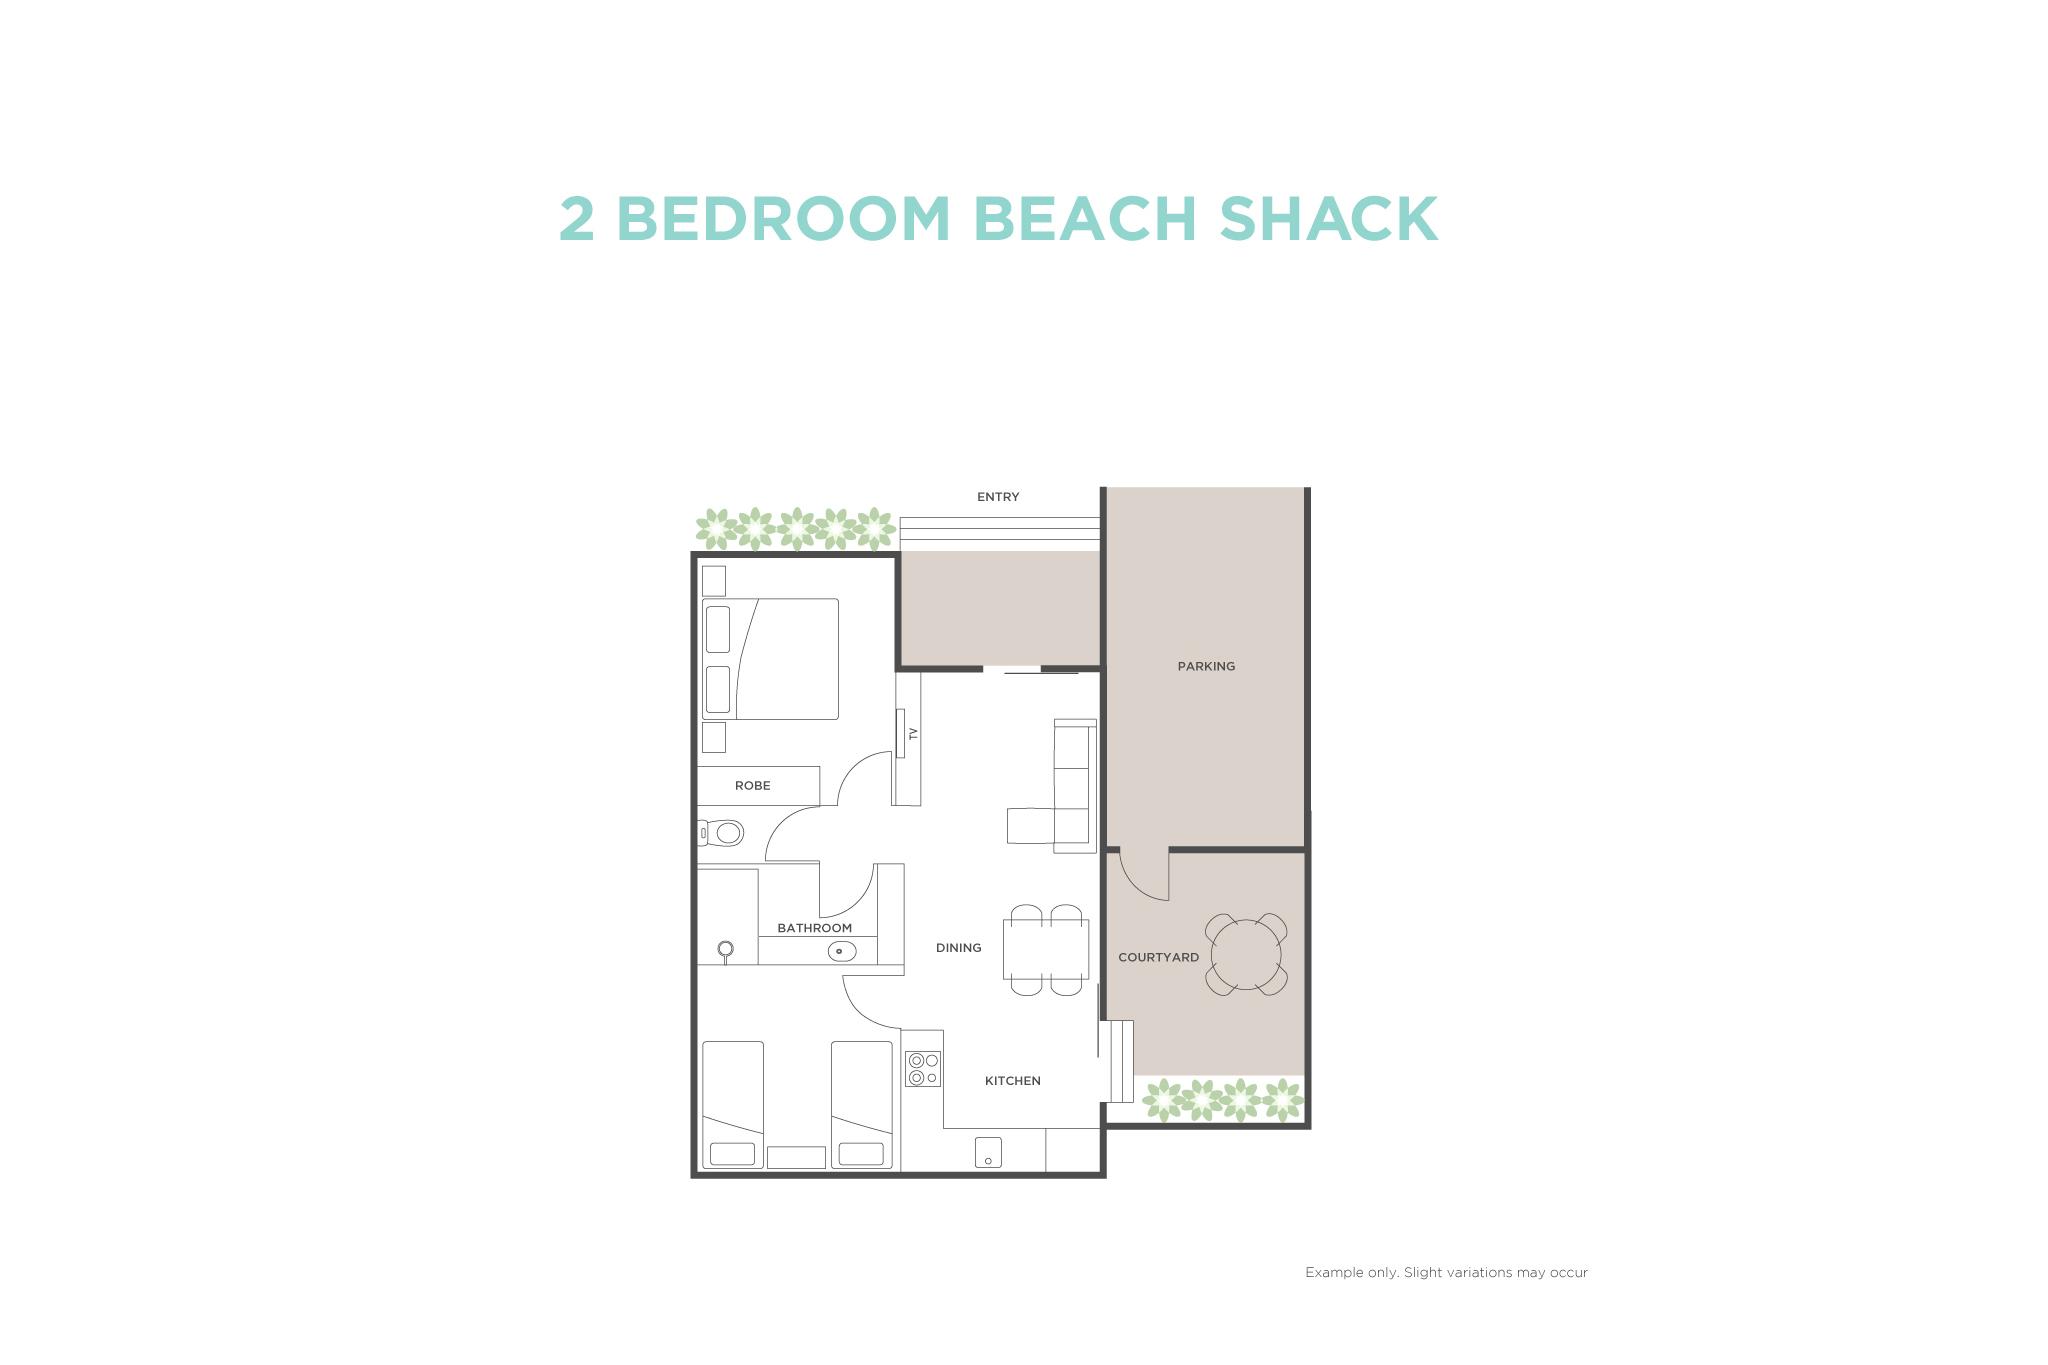 2 Bedroom Beach Shack floor plan